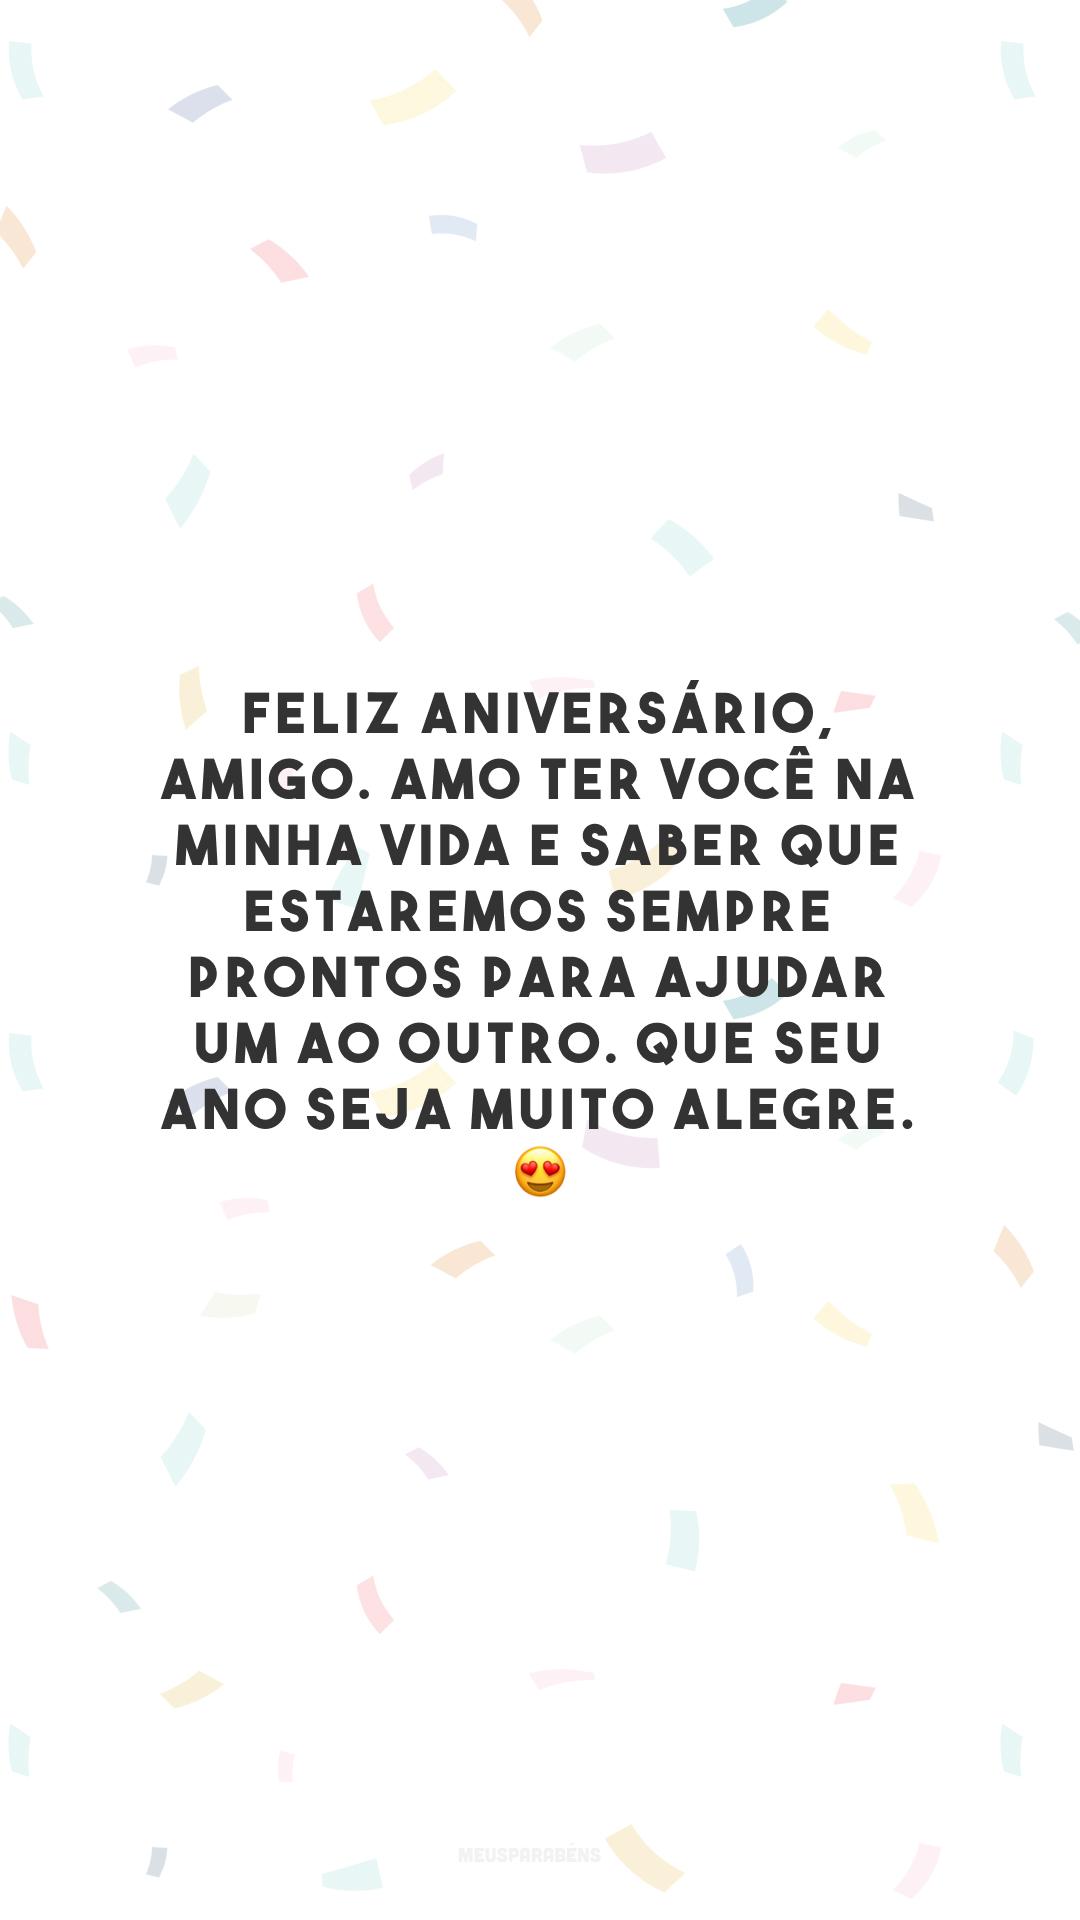 Feliz aniversário, amigo. Amo ter você na minha vida e saber que estaremos sempre prontos para ajudar um ao outro. Que seu ano seja muito alegre. 😍